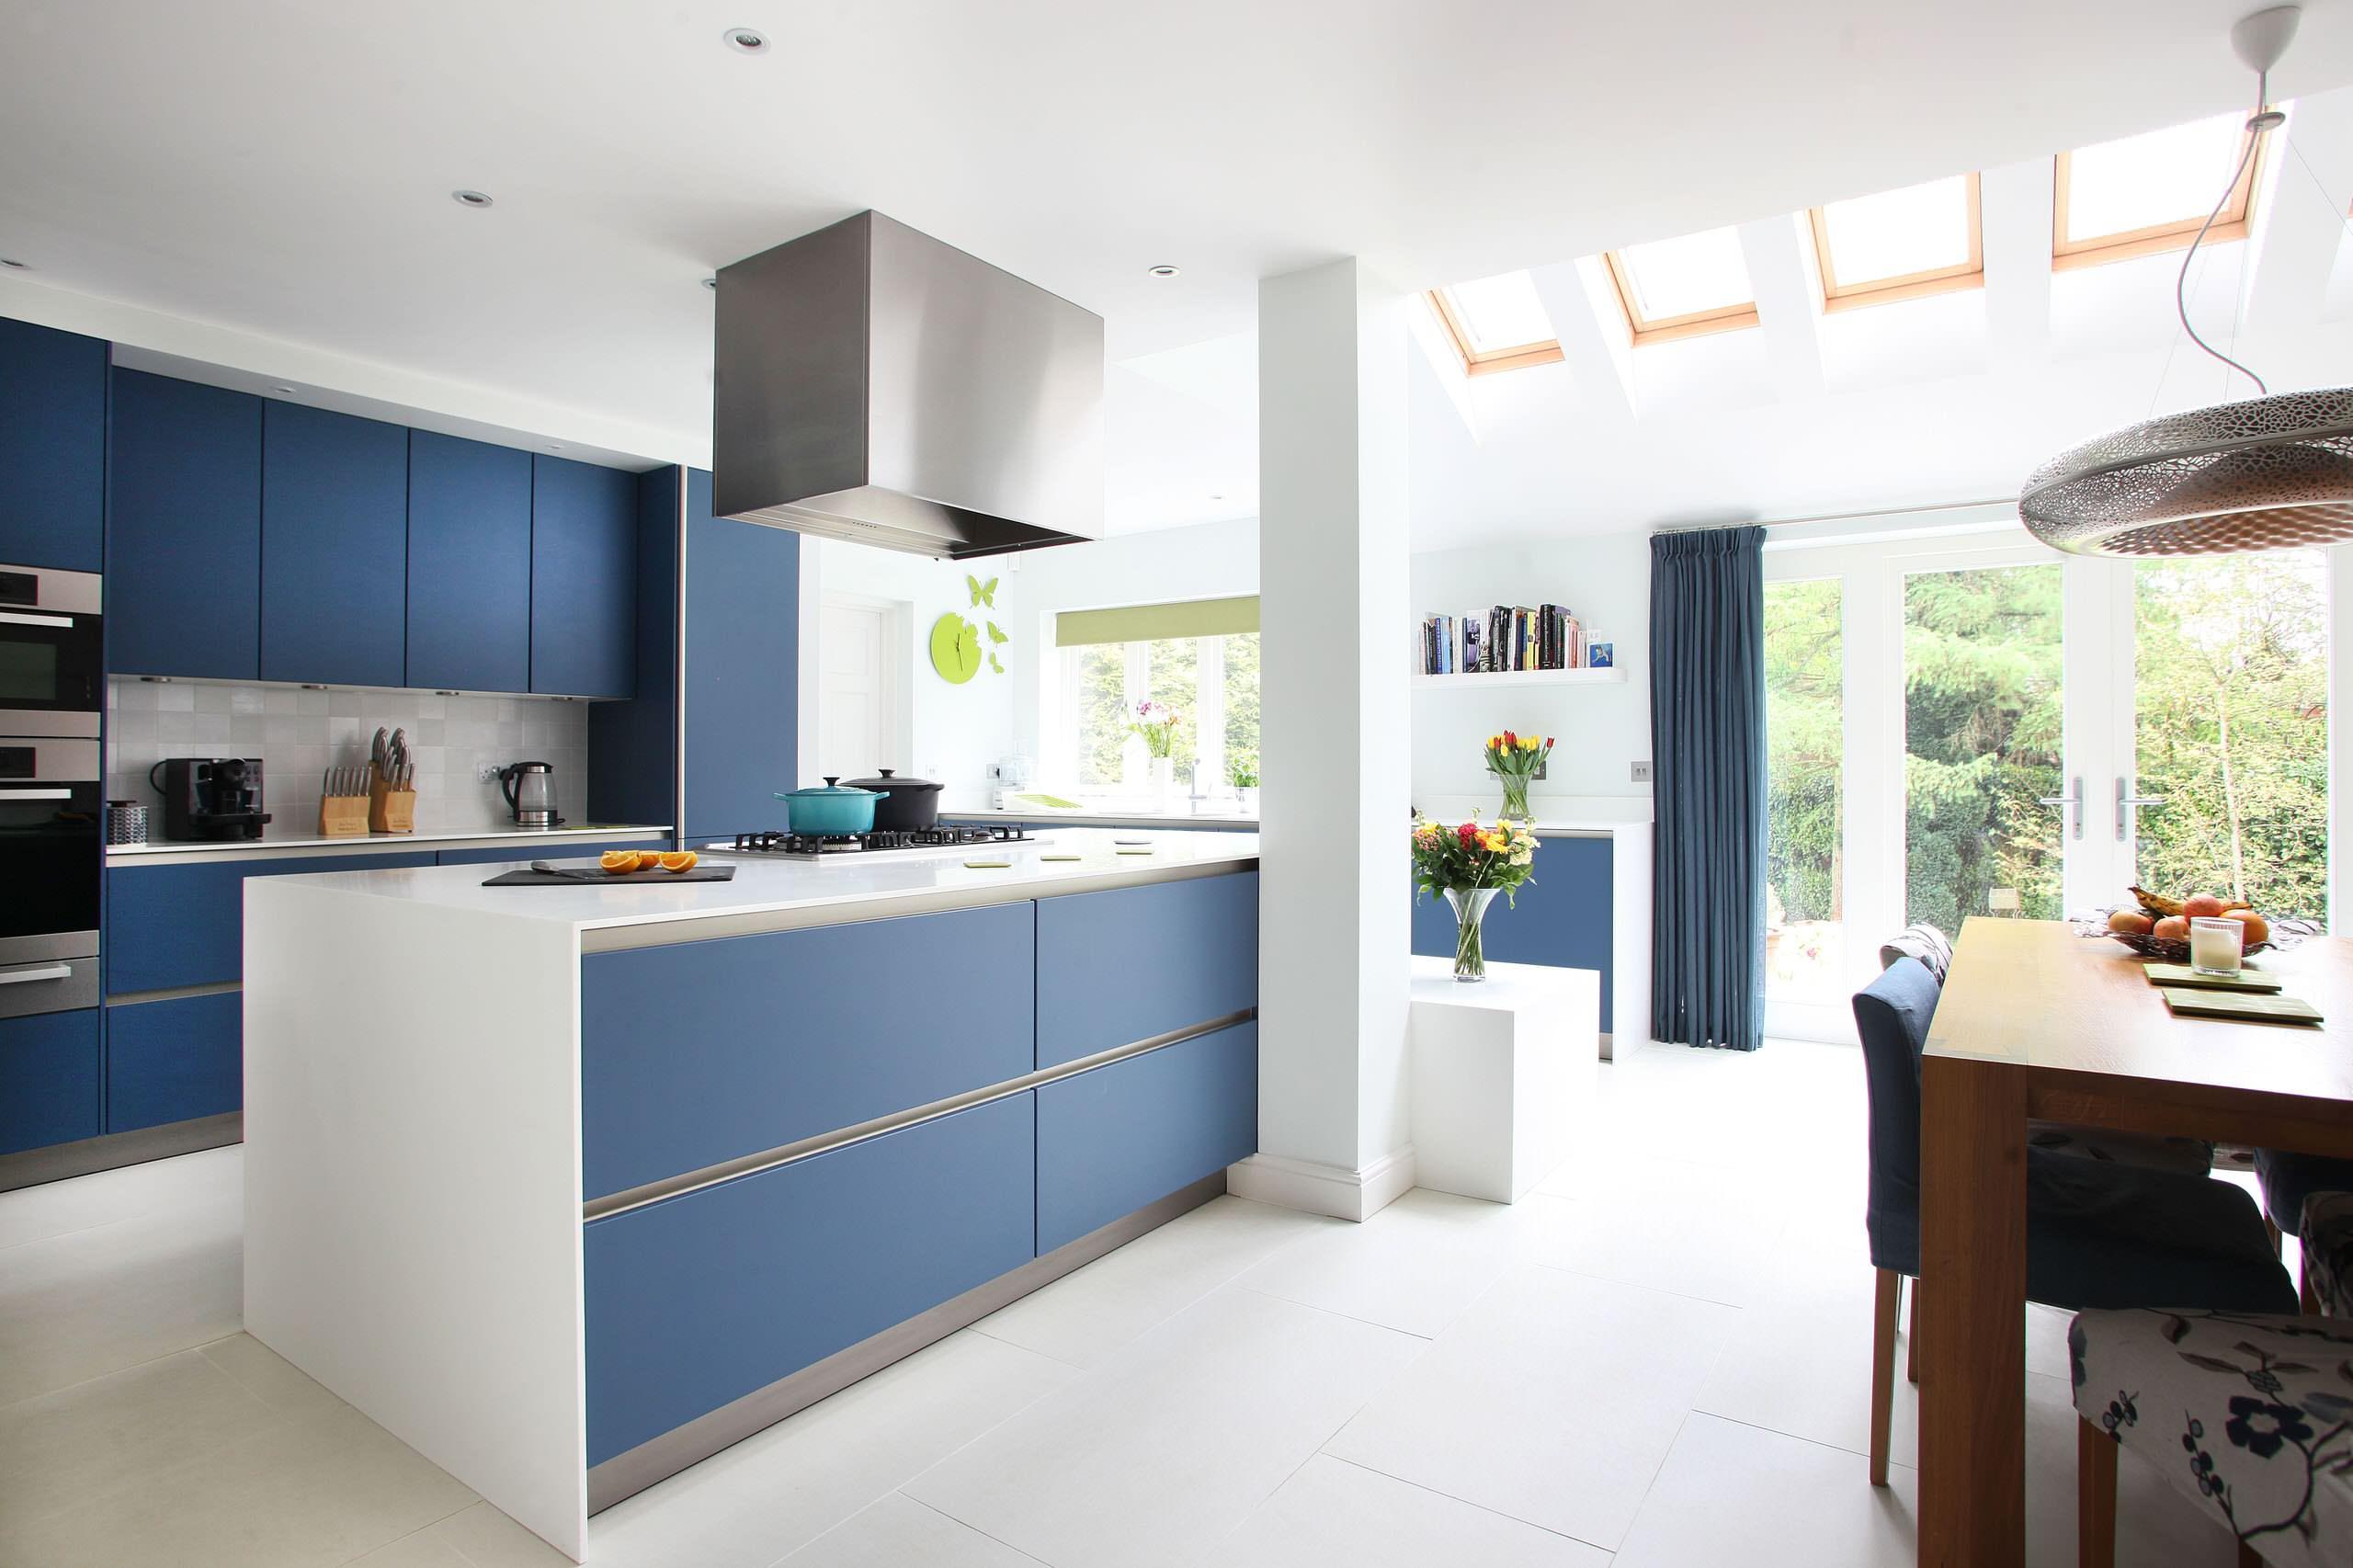 Кухня в голубых тонах в стиле минимализм